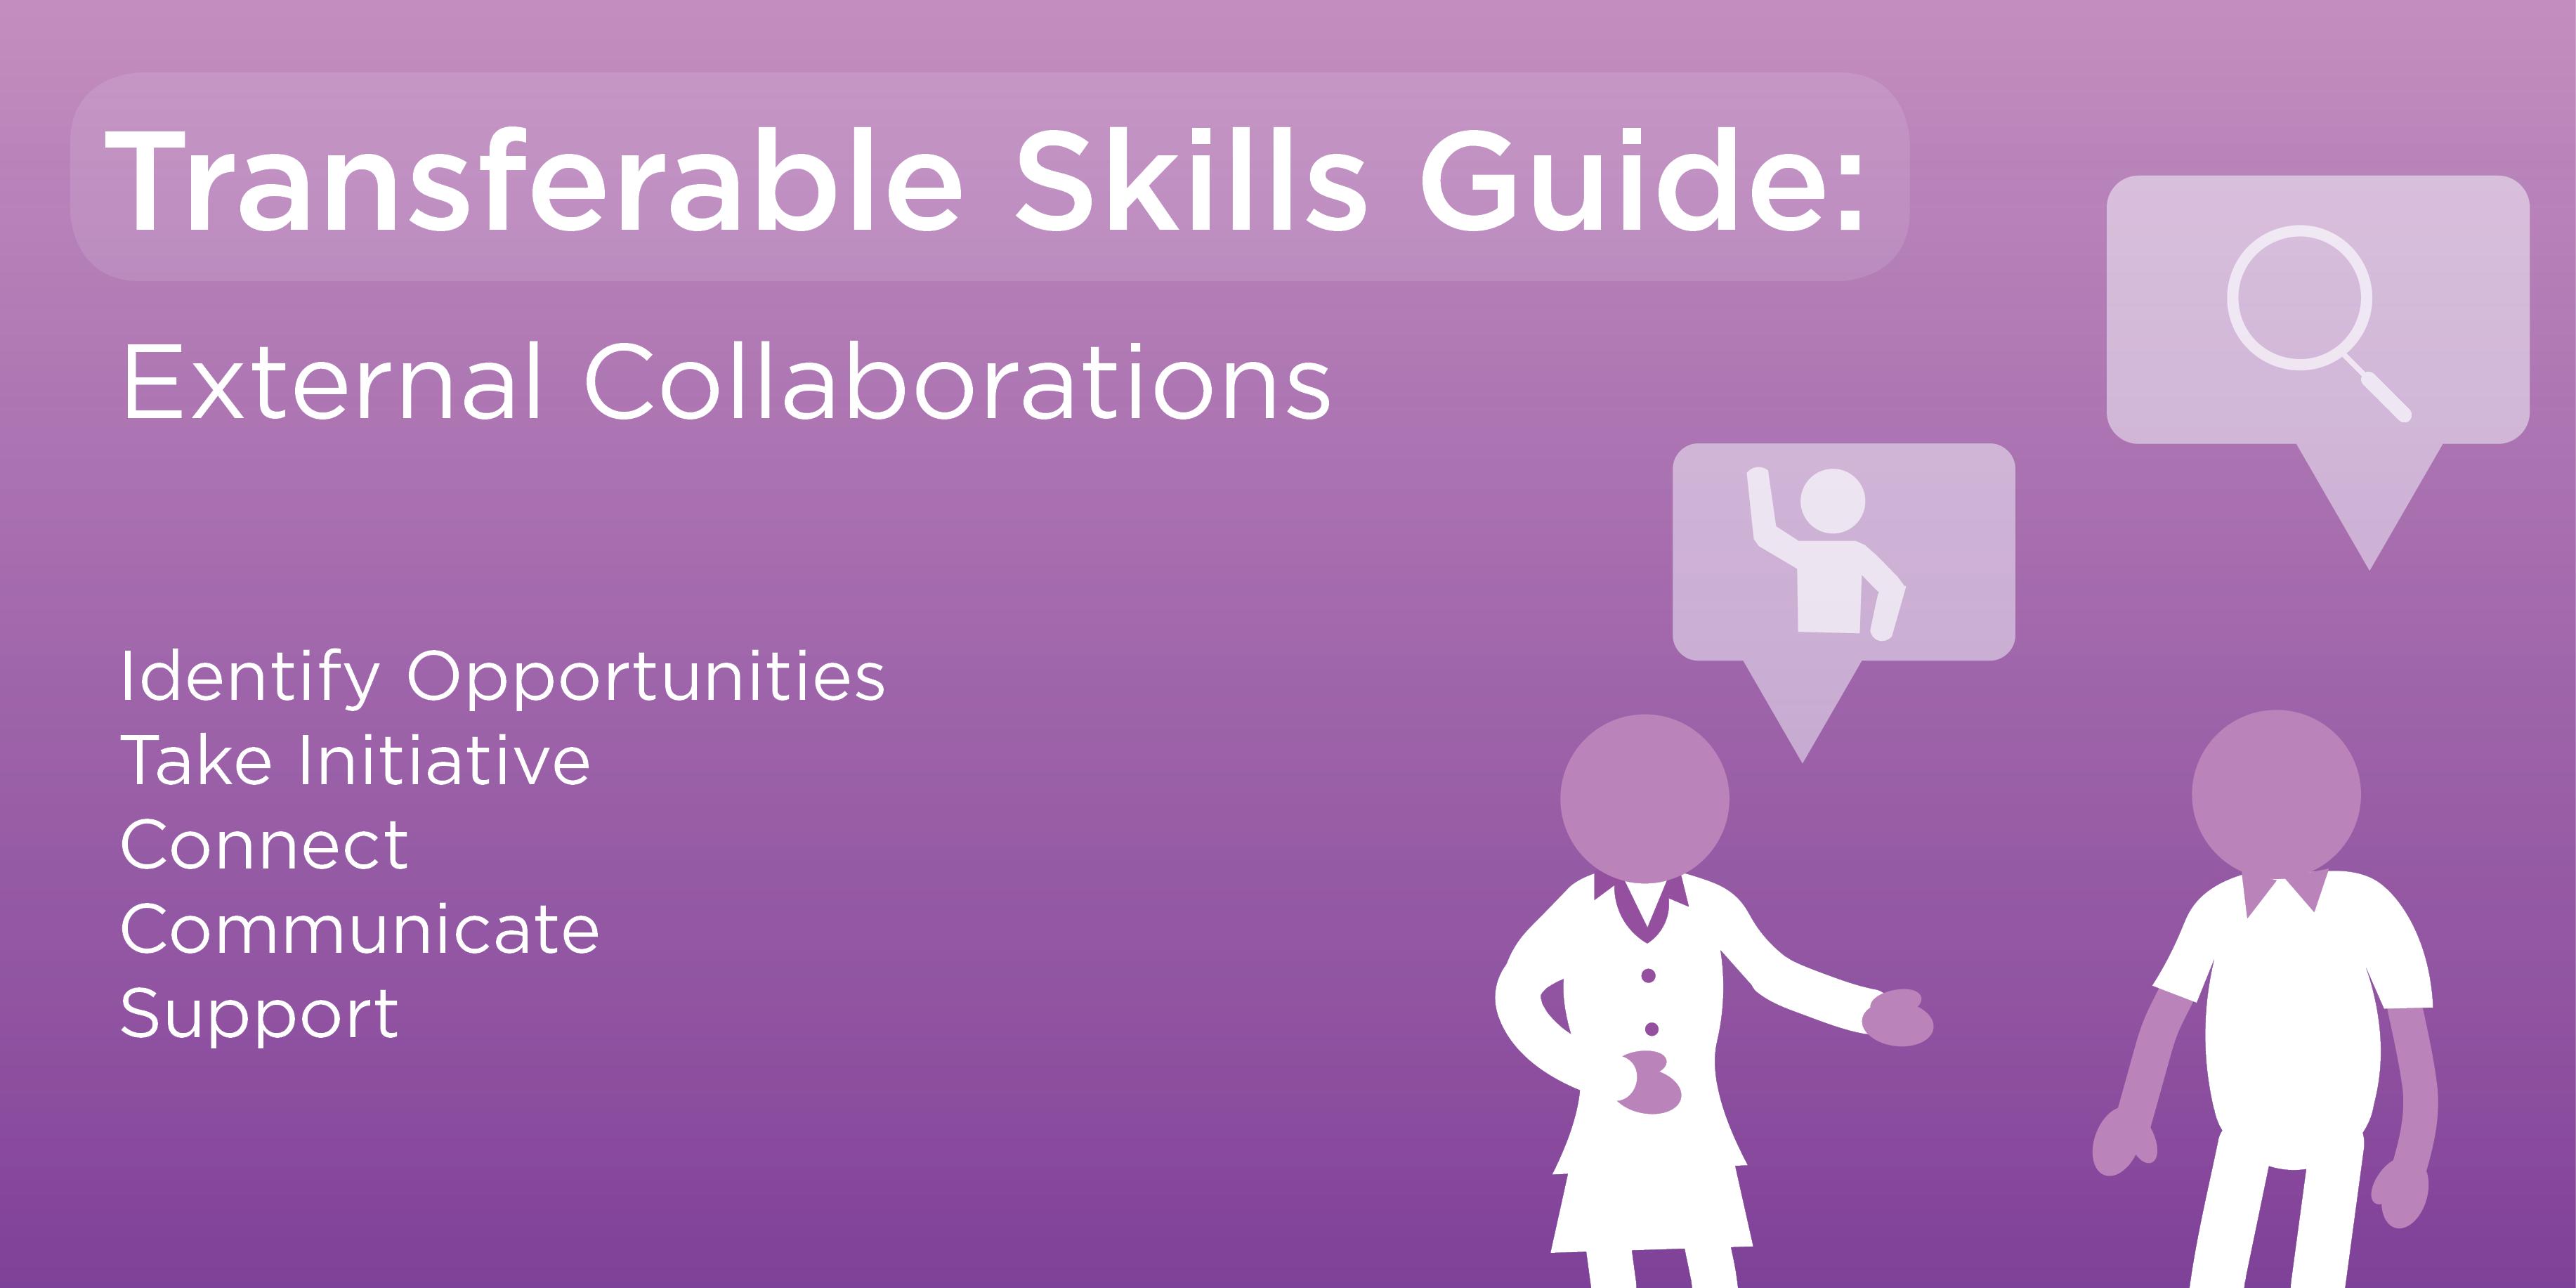 Transferable skills guide